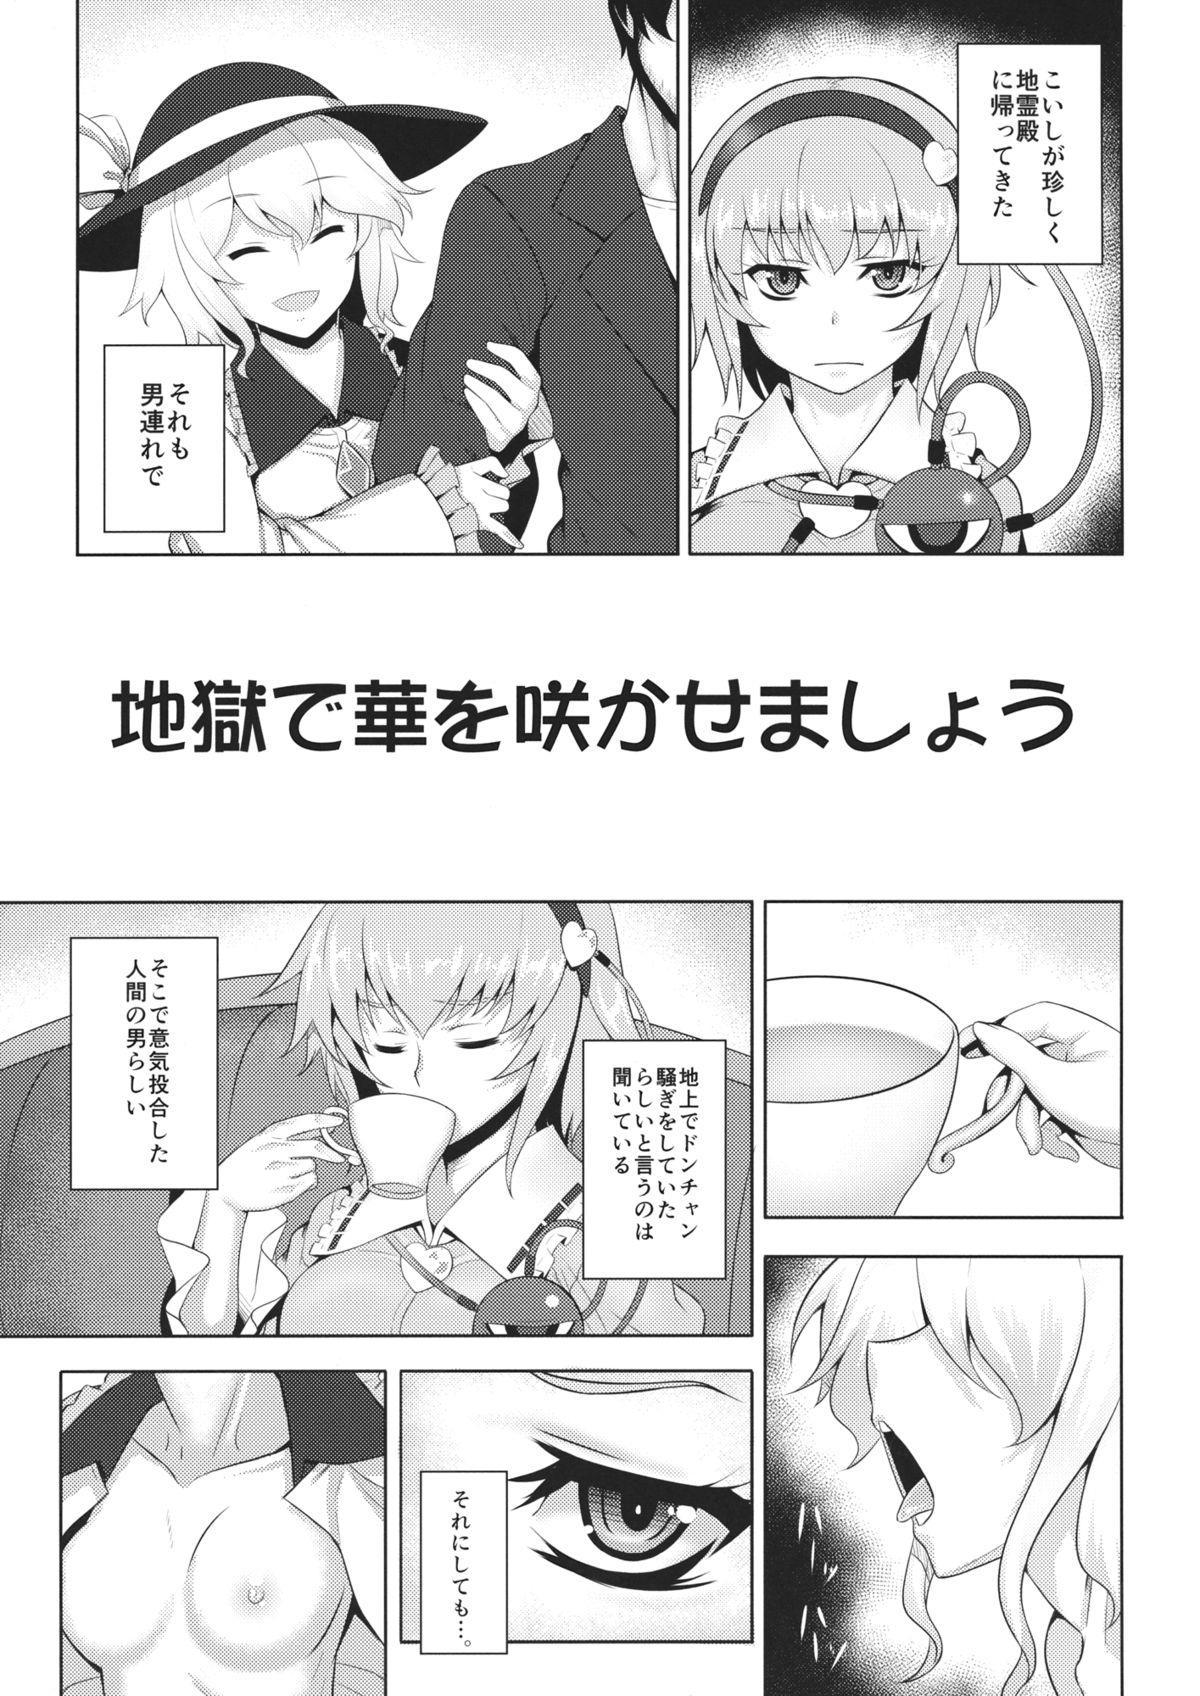 Jigoku de Hana o Sakasemashou 1